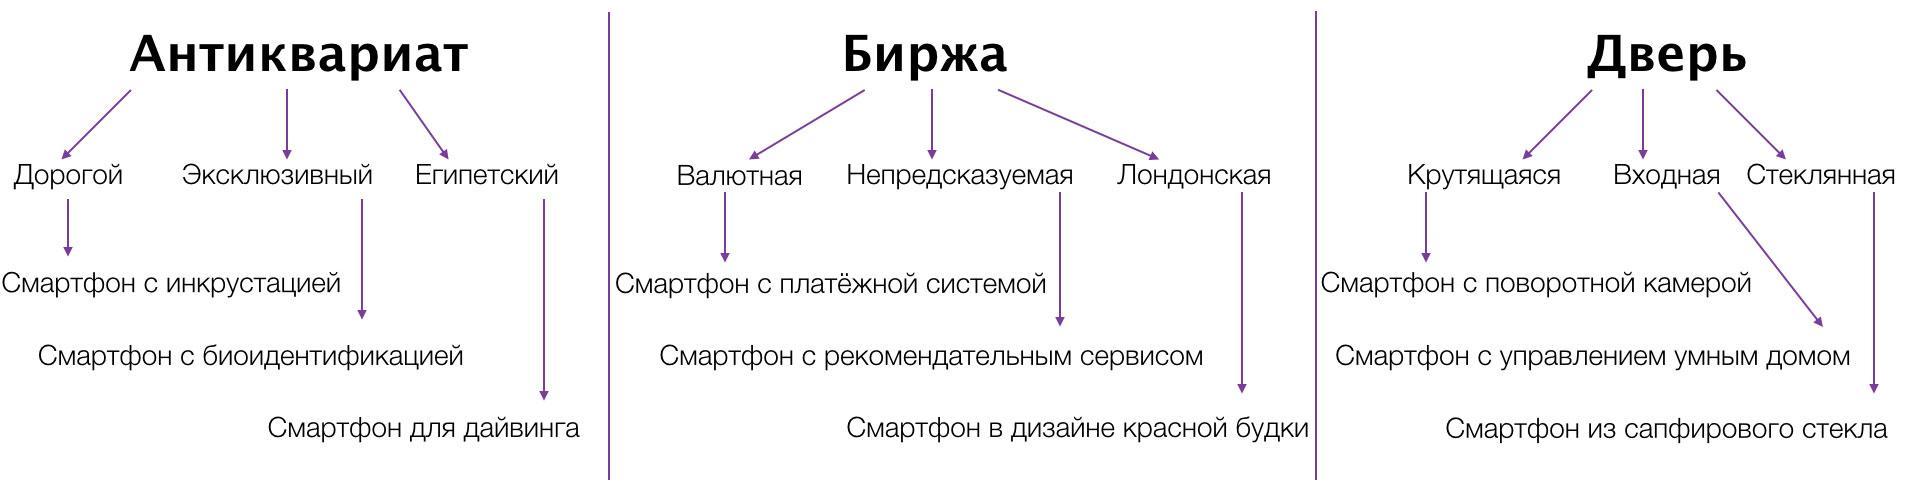 Иллюстрация примера метода фокальных объектов